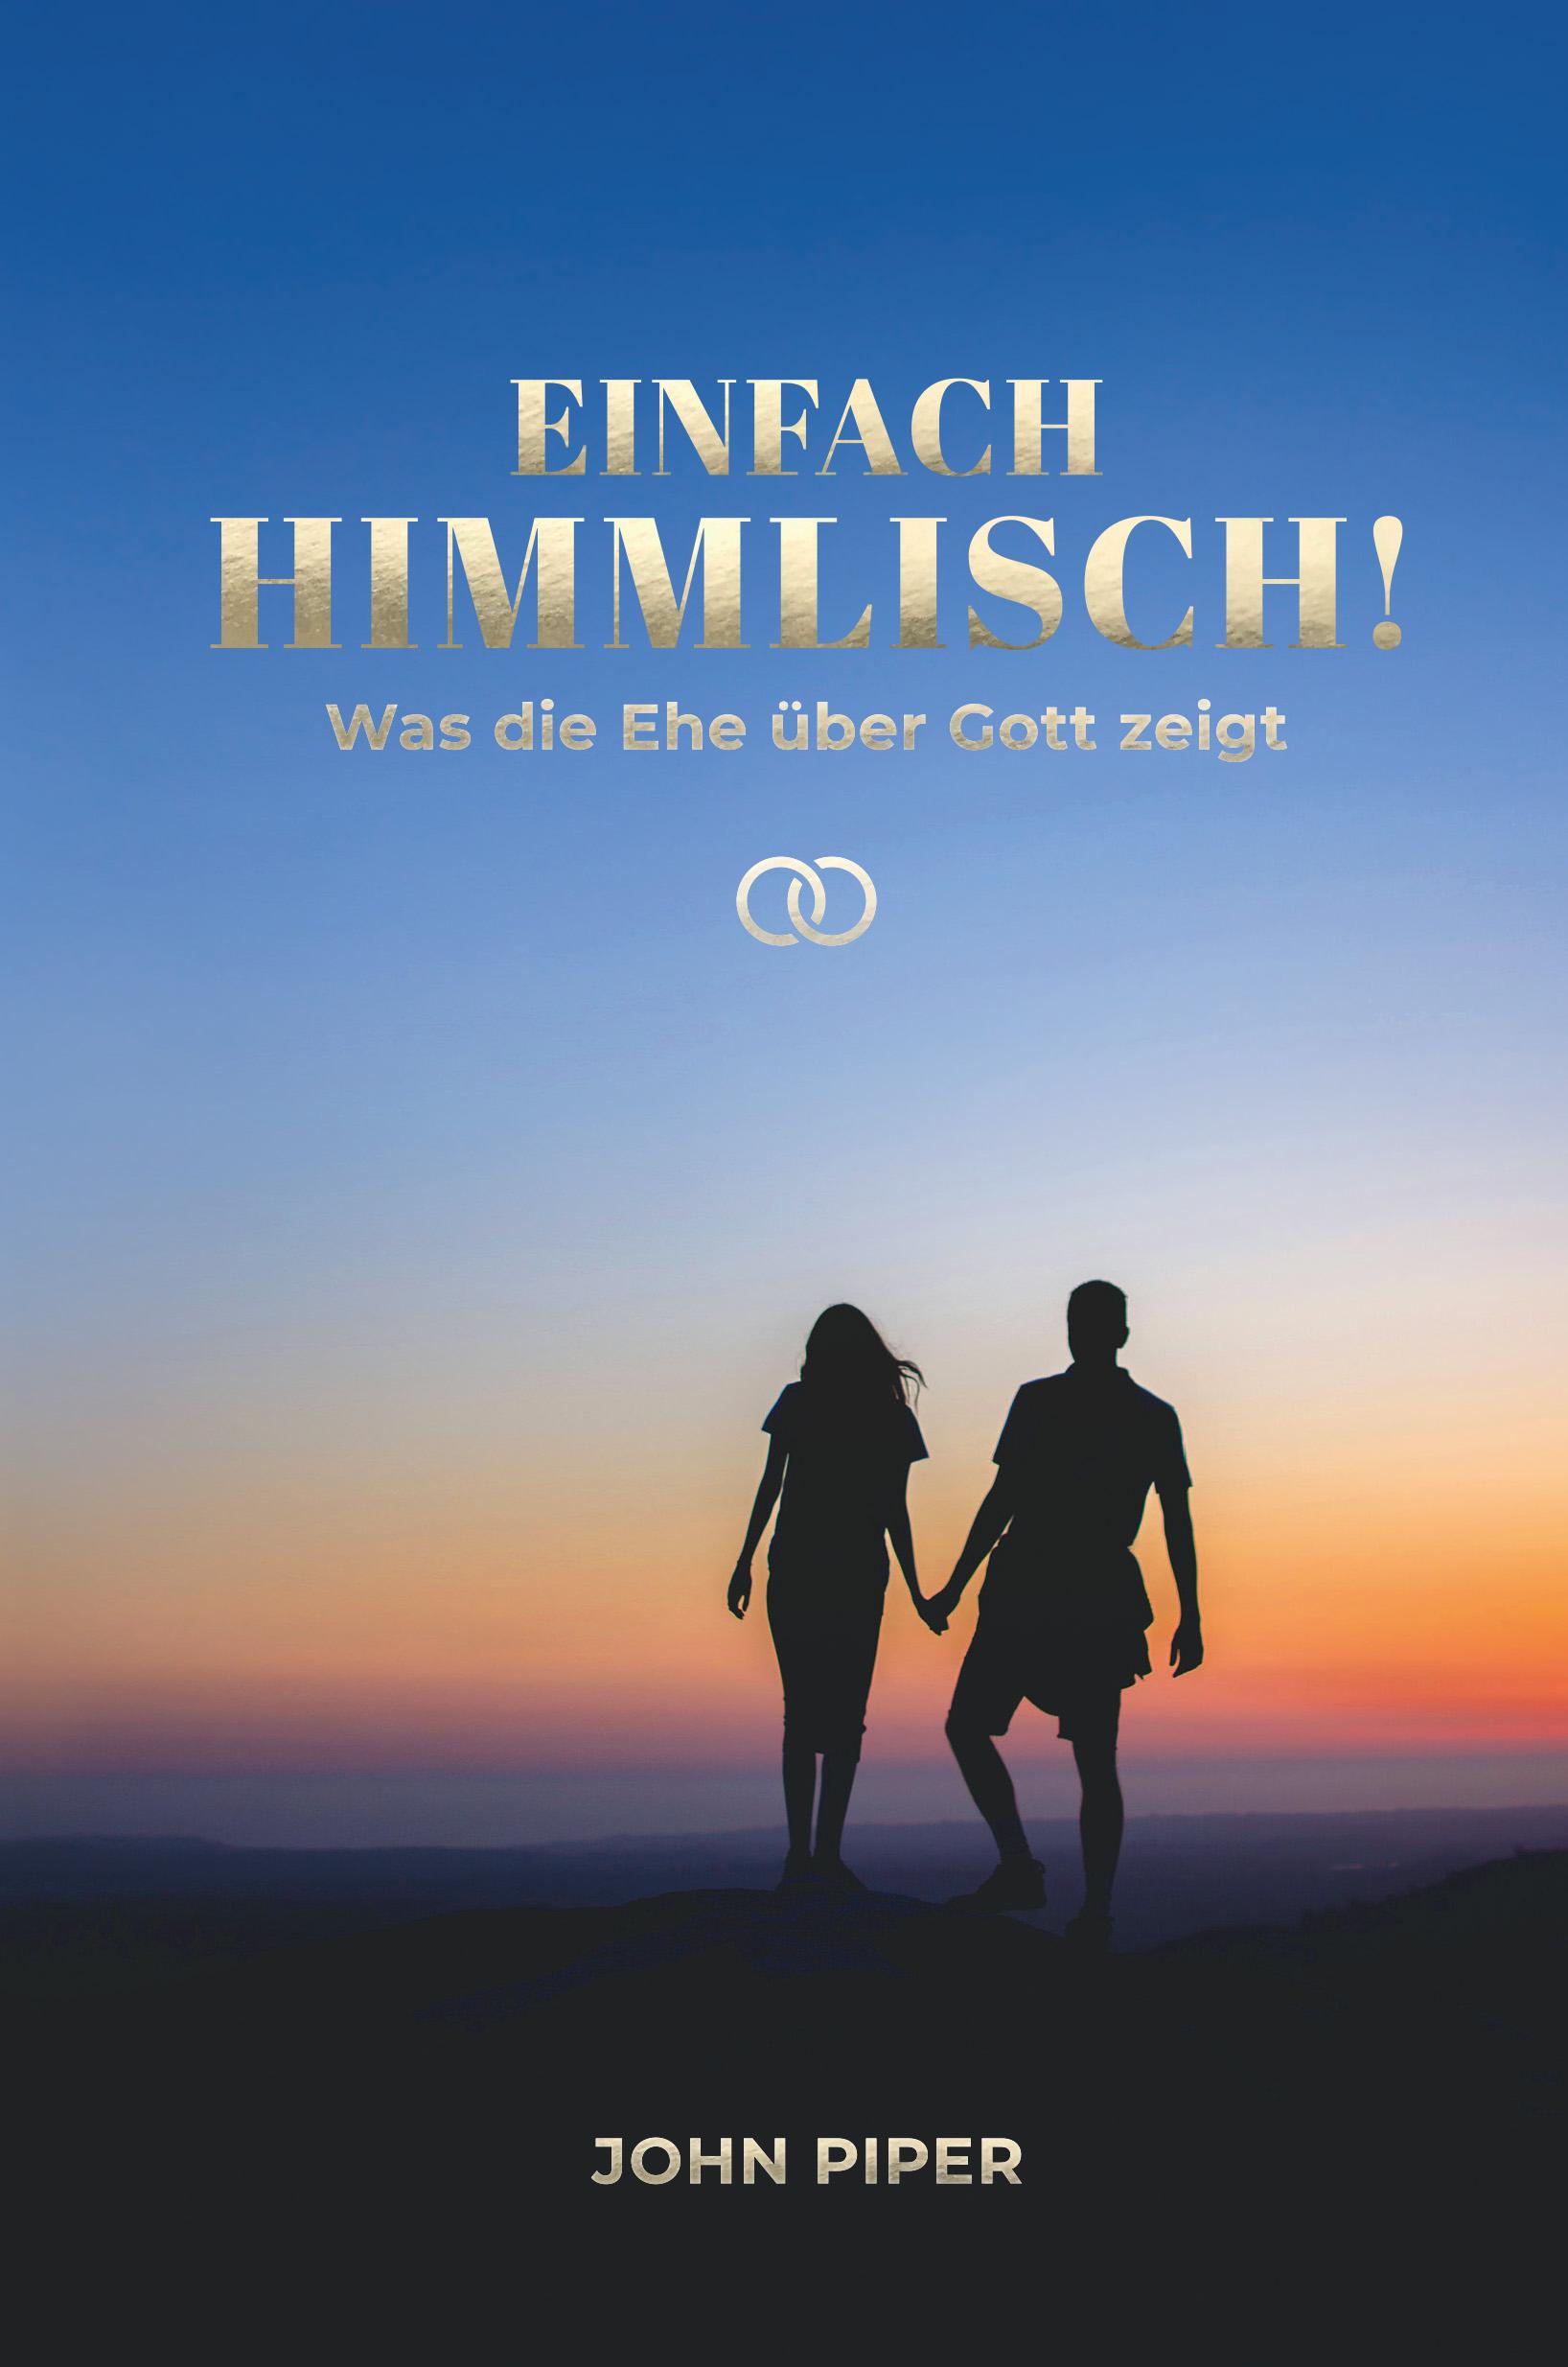 clv_einfach-himmlisch_john-piper_256390_3